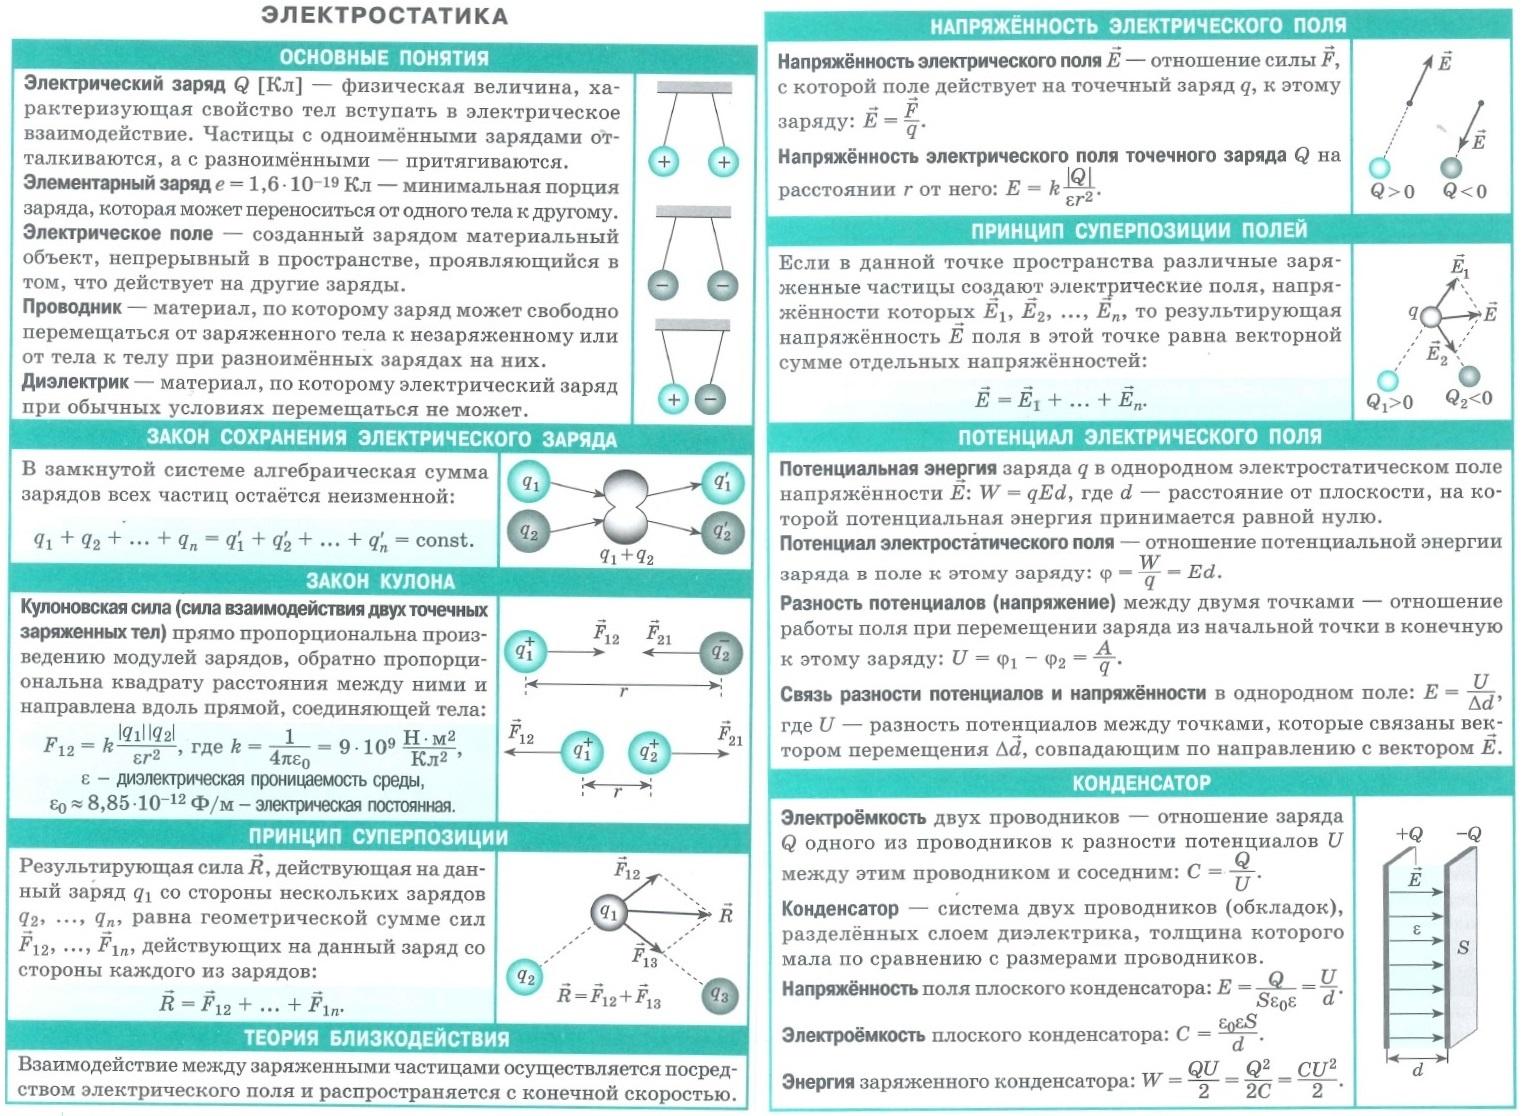 Электростатика. Основные понятия. Электрический заряд. Закон сохранения электрического заряда. Закон Кулона. Принцип суперпозиции. Теория близкодействия. Потенциал электрического поля. Конденсатор